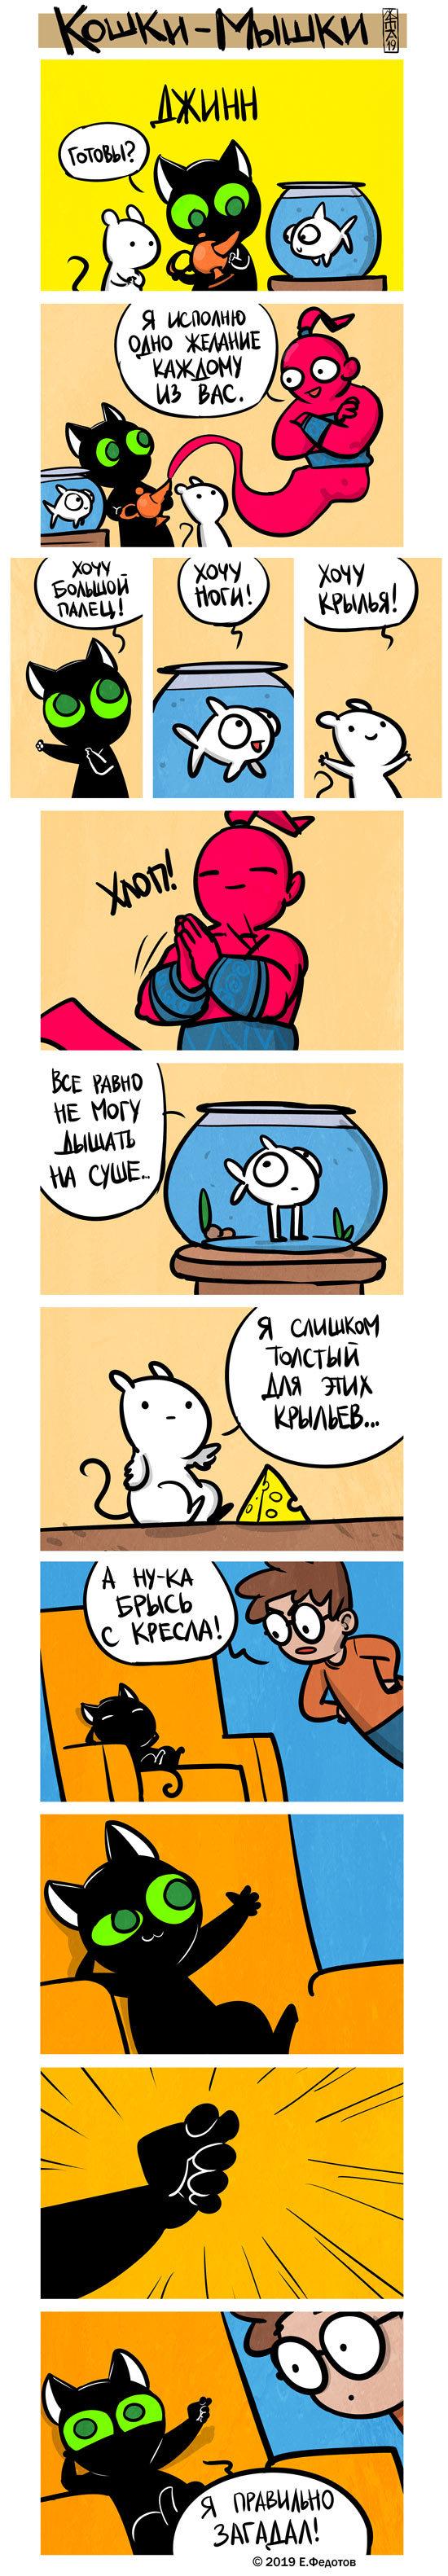 Что этот кот себе позволяет?! Кошки-Мышки, Кот, Джинн, Желание, Длиннопост